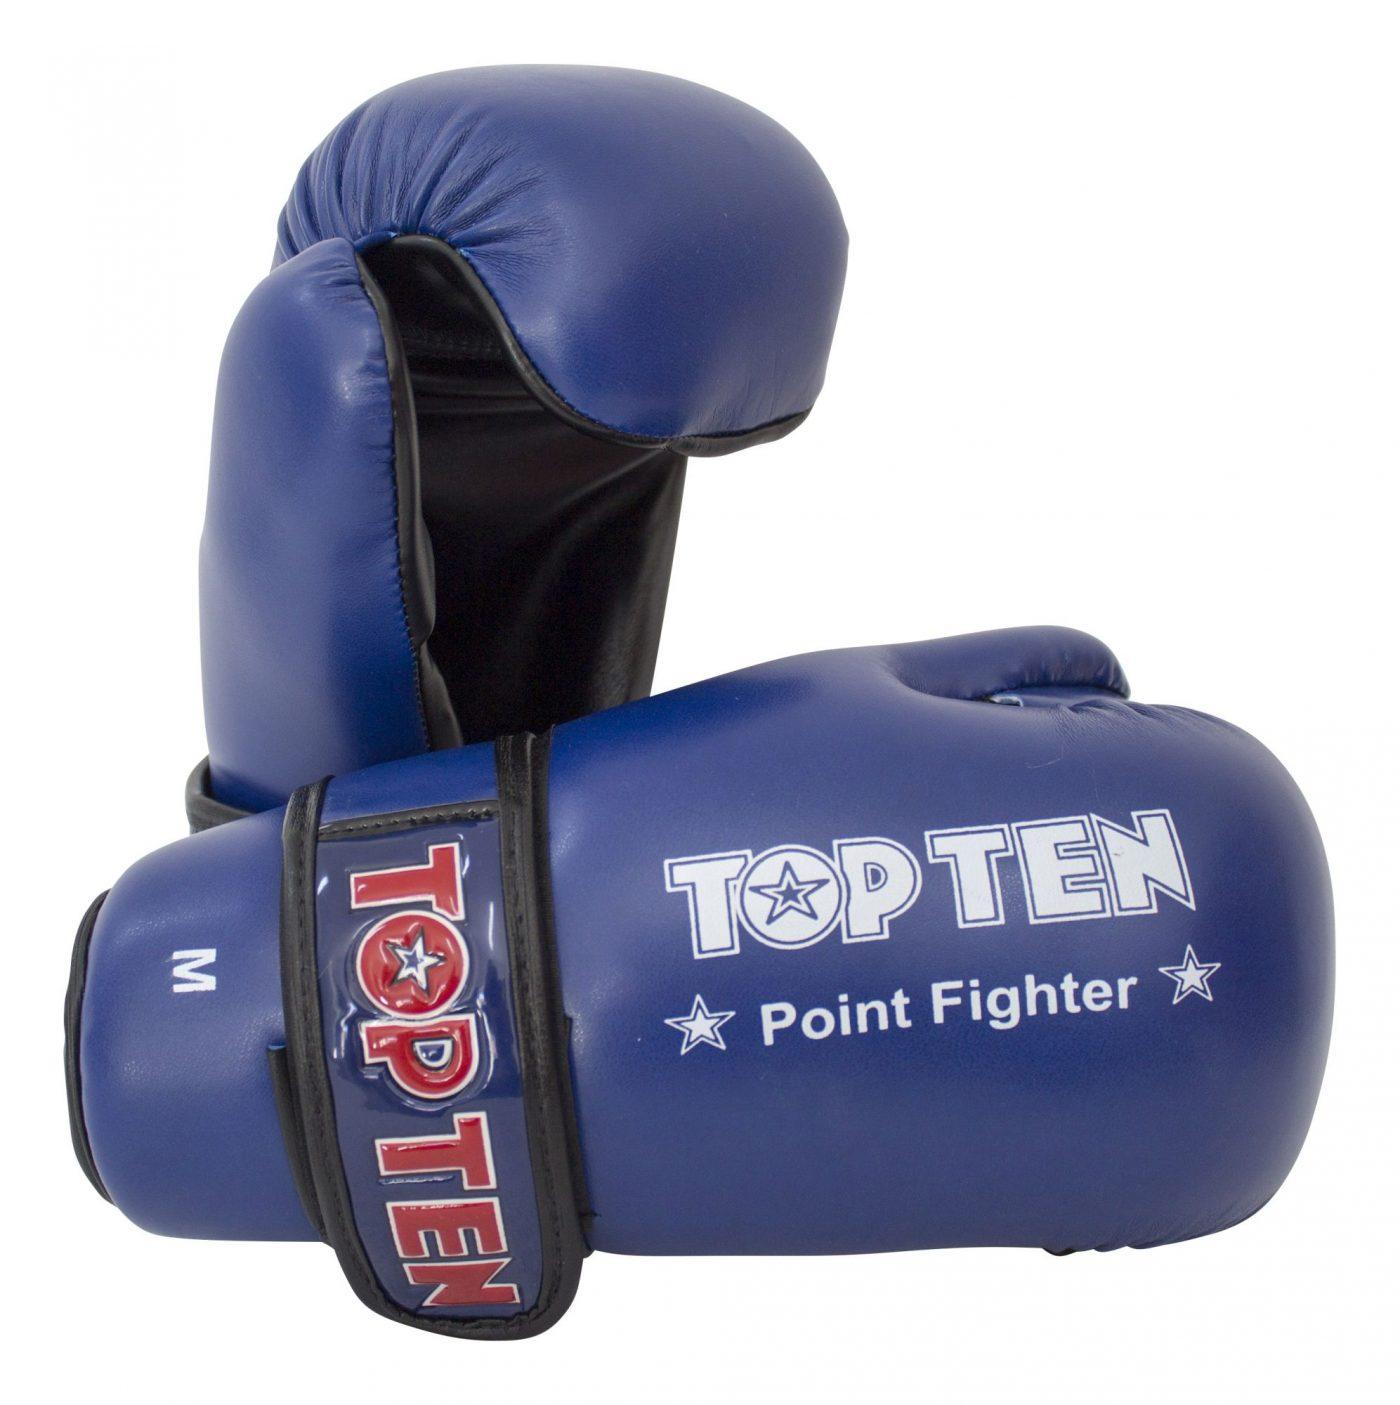 """TOP TEN Pointfighter """"Point Fighter"""" Blauw"""